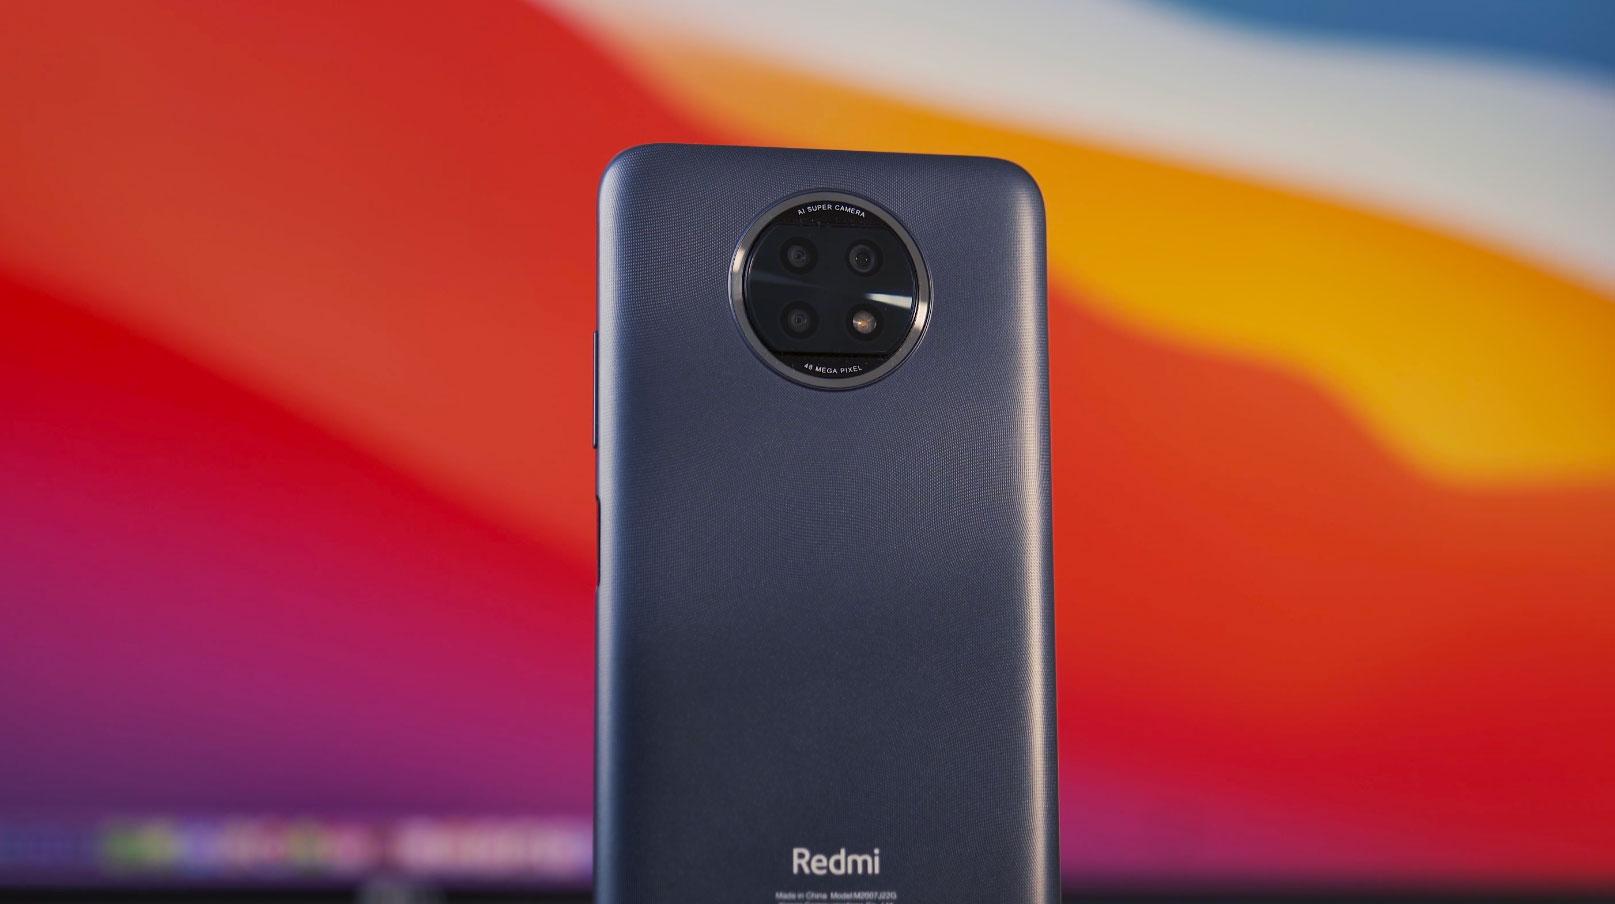 Le dos est recouvert d'une texture qui rend le Redmi Note 9T moins glissant en main